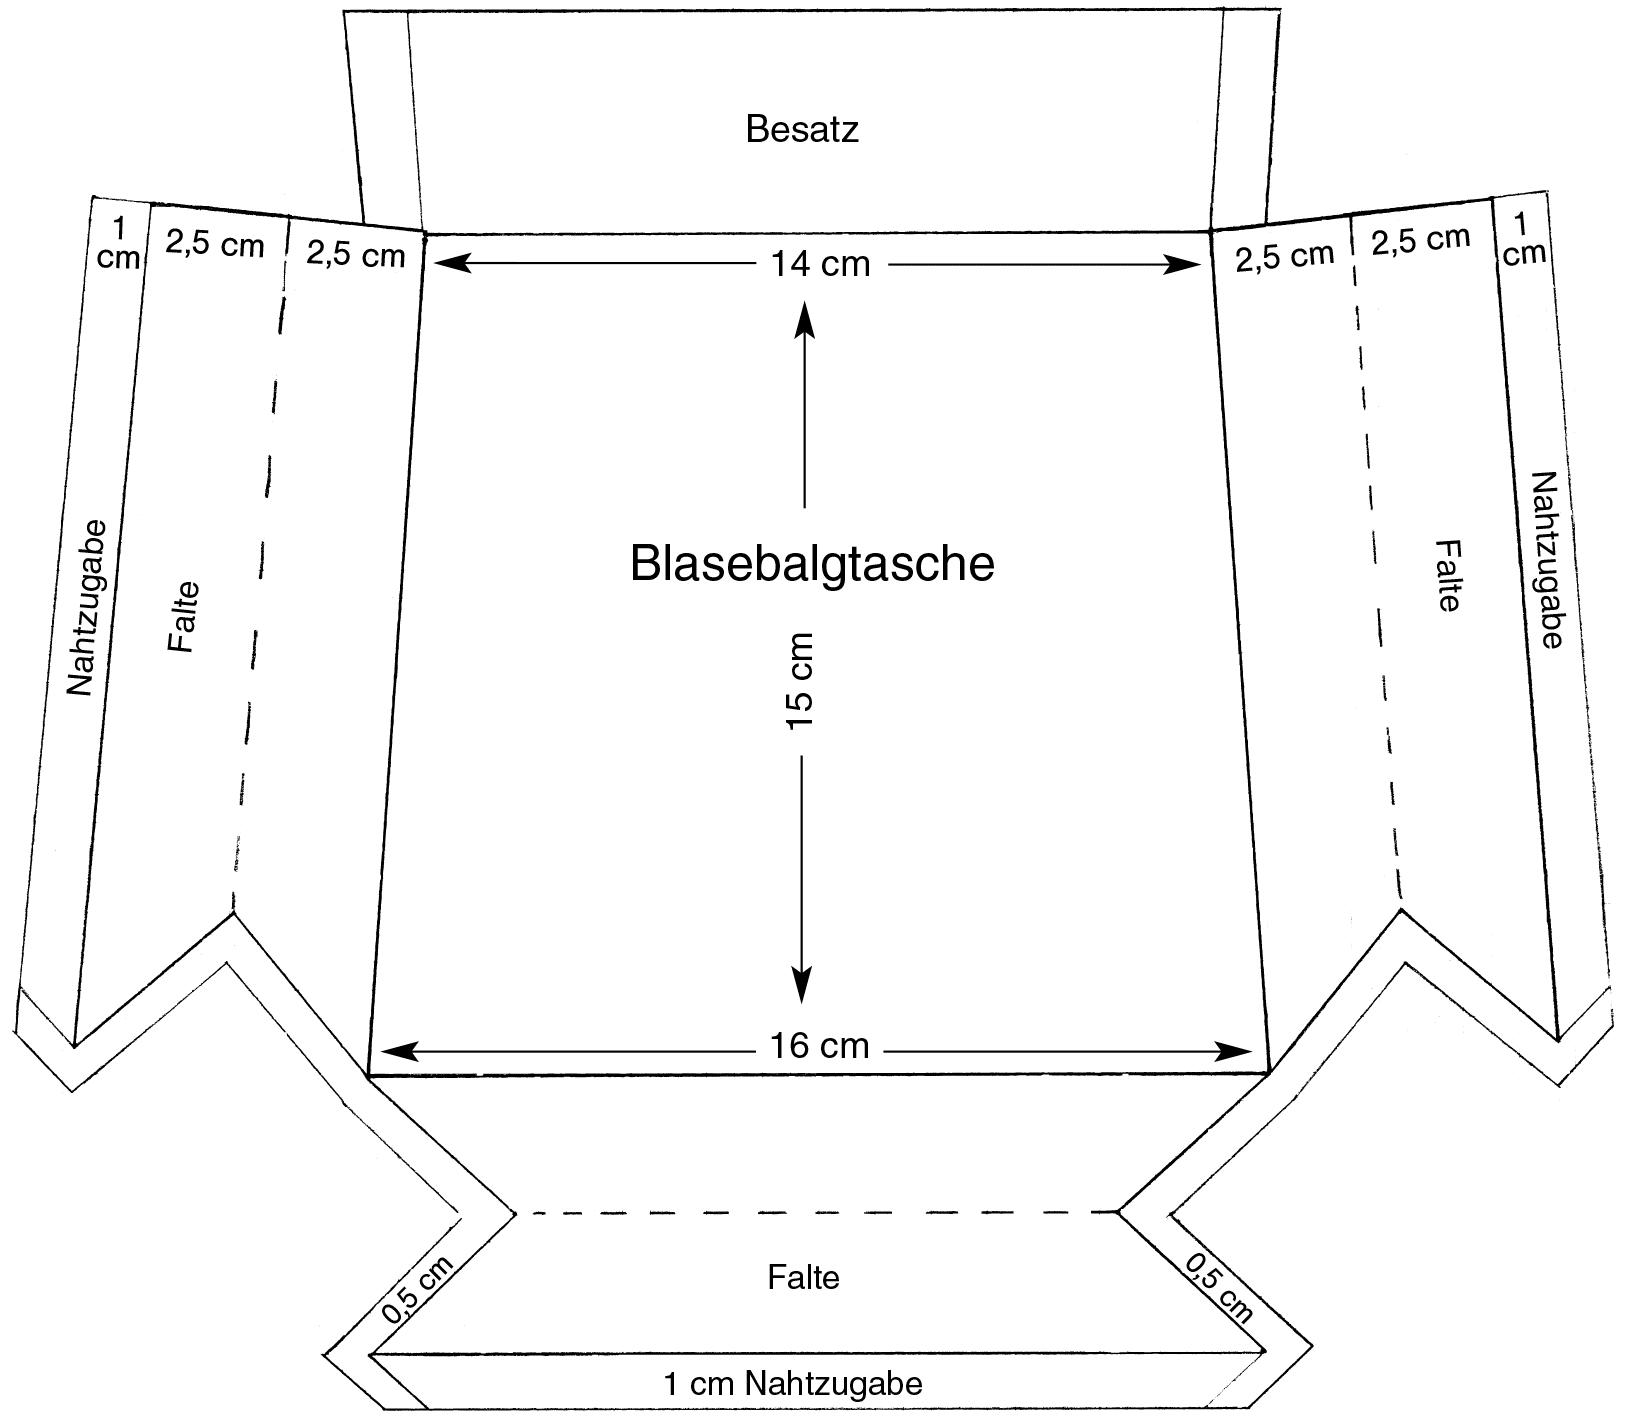 Die Schnittkonstruktion einer klassischen Blasebalgtasche ist abgebildet.